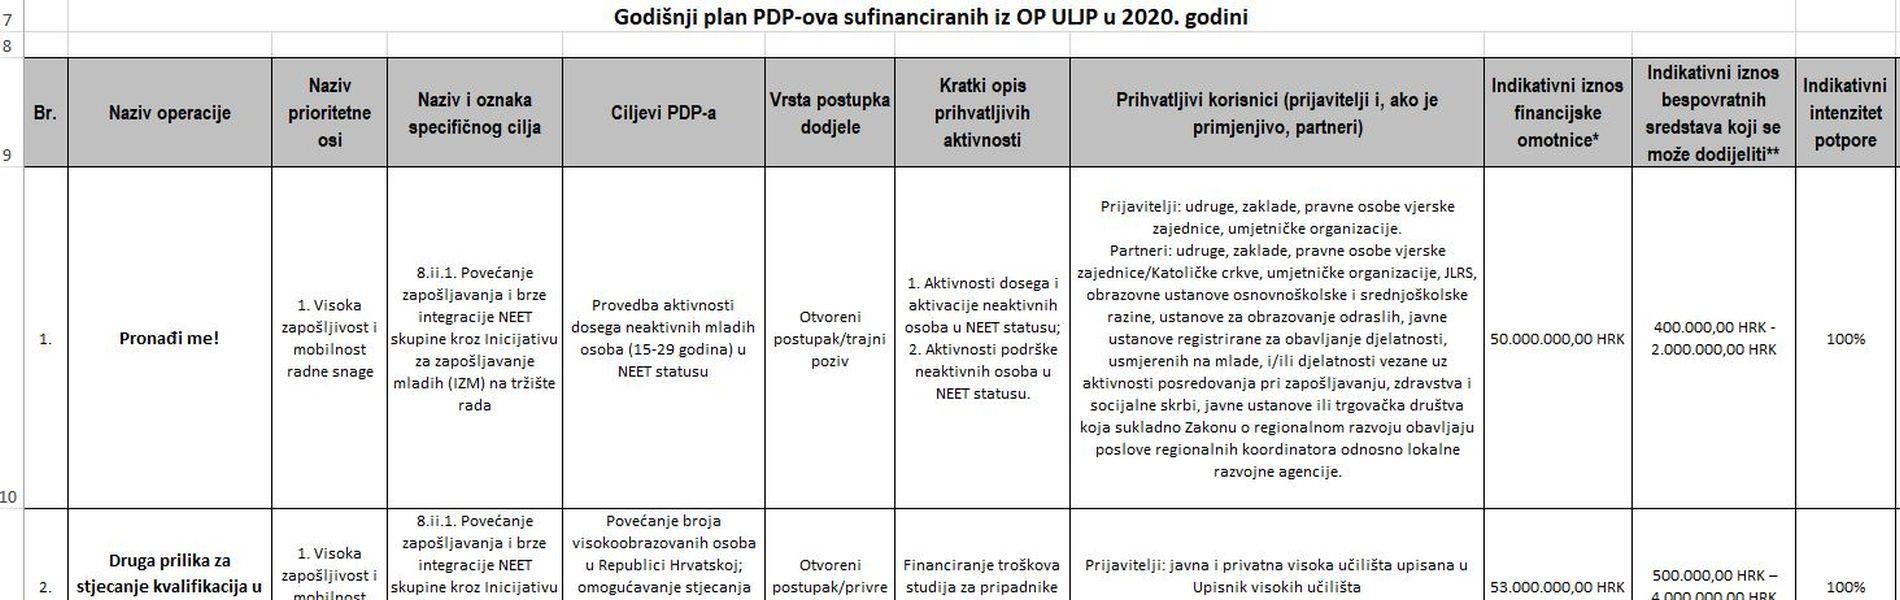 Objavljen godišnji plan objave poziva na dostavu projektnih prijedloga za 2020. godinu